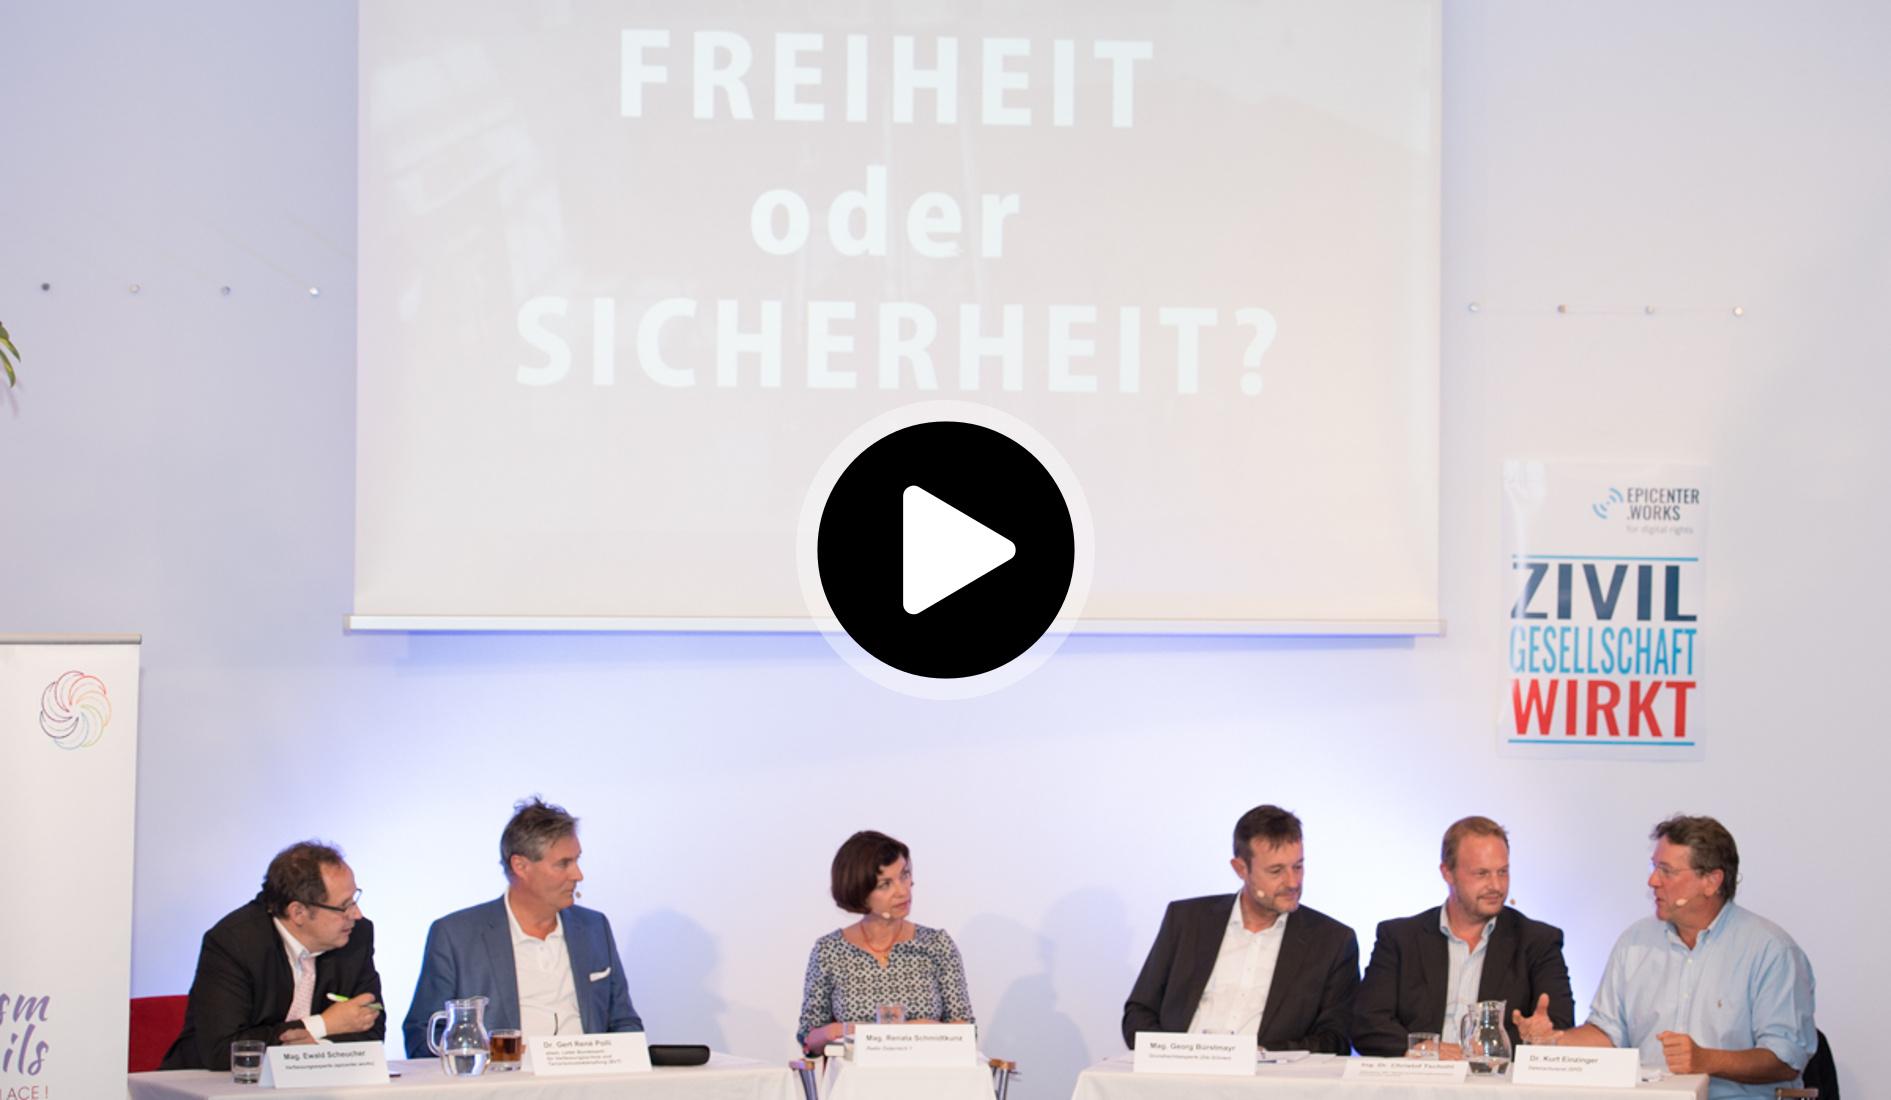 Diskussionsteilnehmer-Videobild